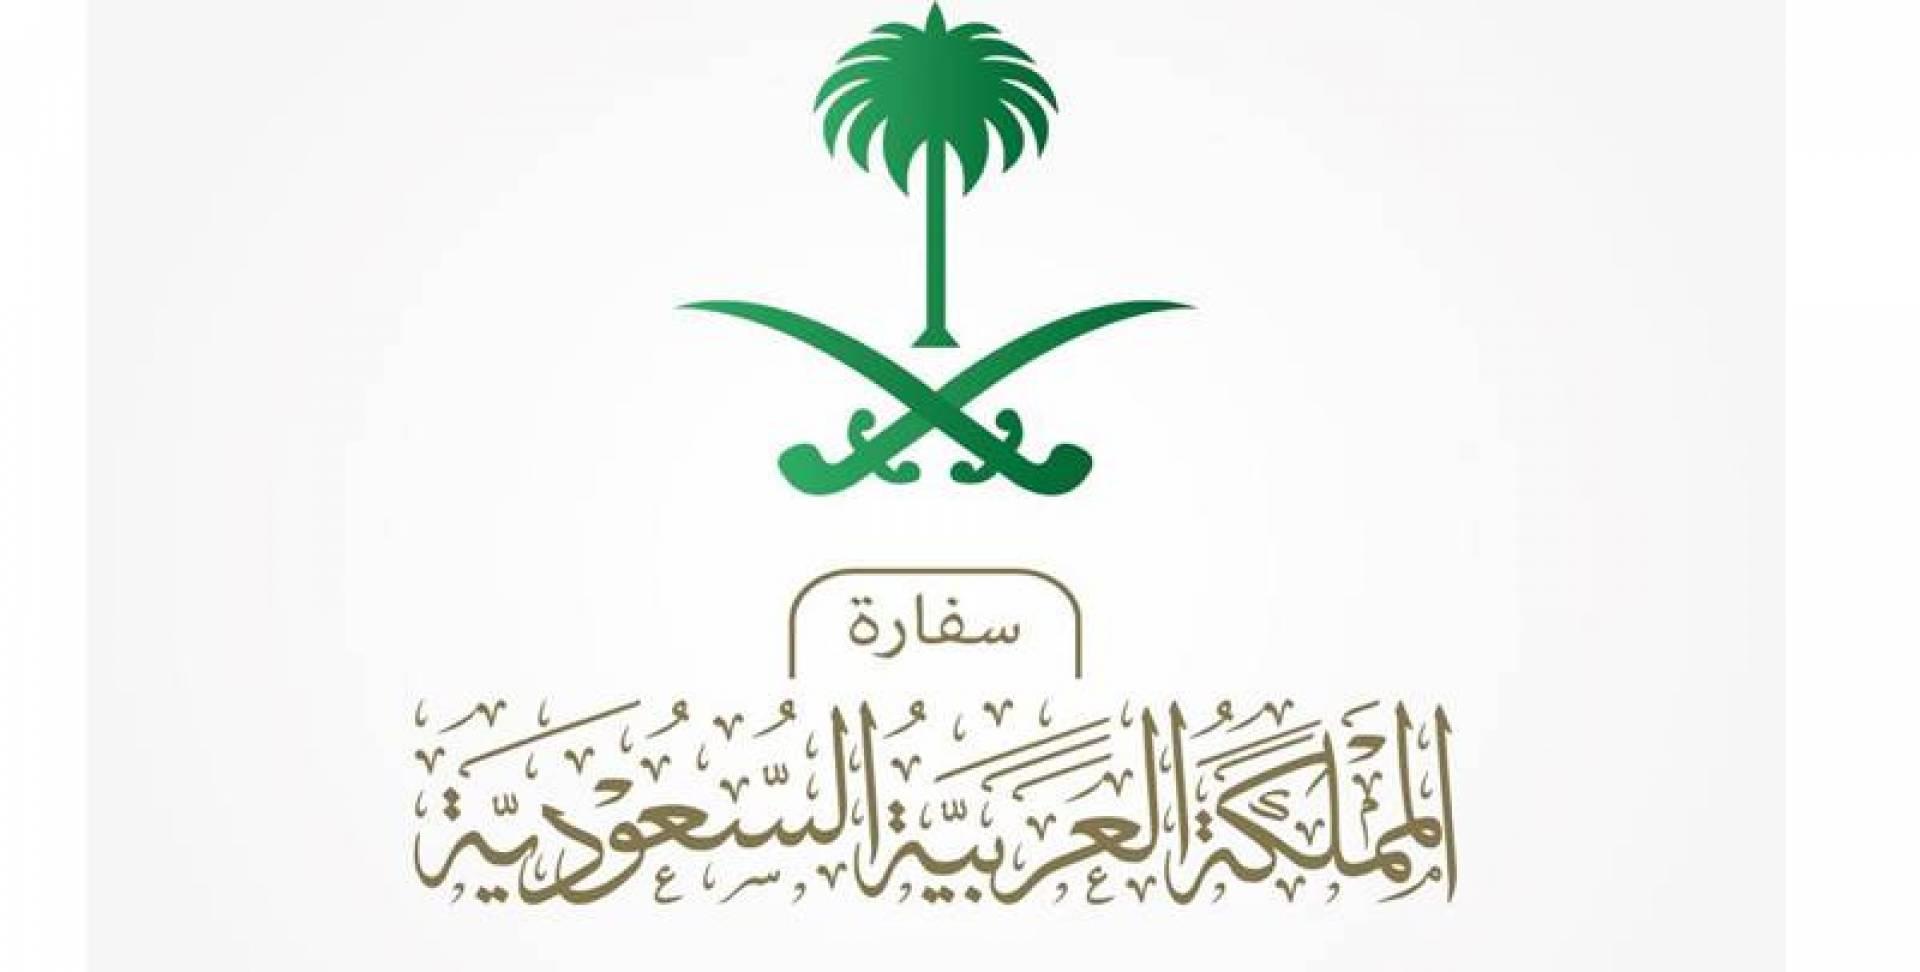 السفارة السعودية تدعو مواطنيها إلى الإسراع بالتواصل معها تمهيداً لمغادرة لبنان